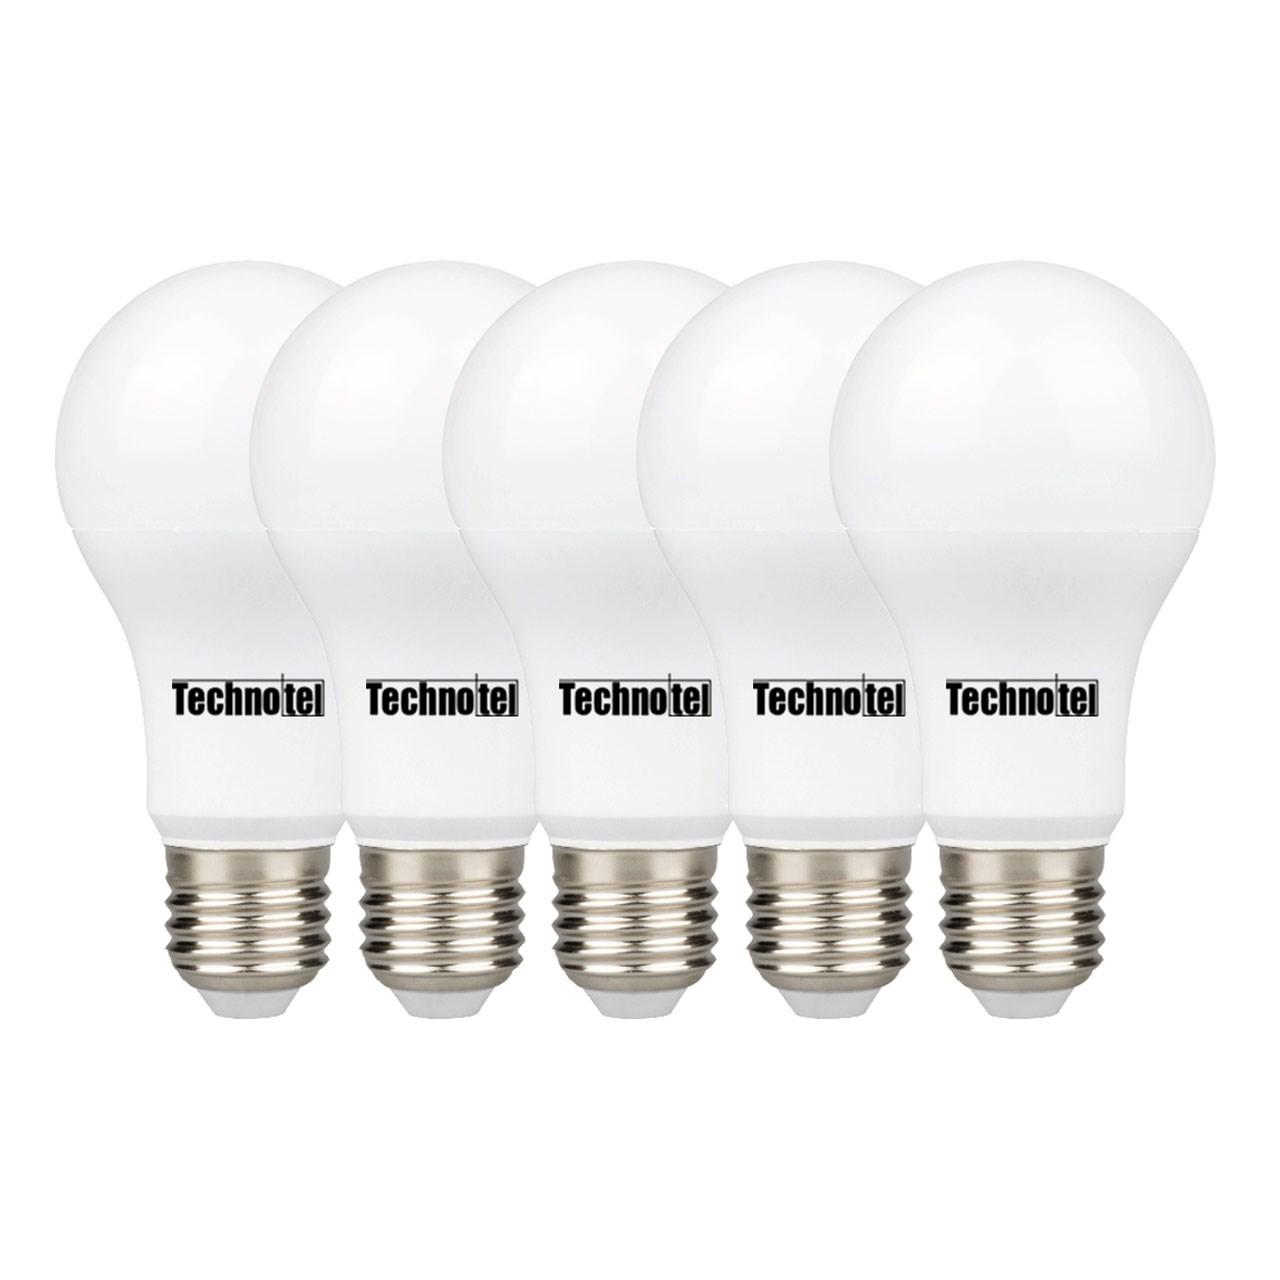 لامپ ال ای دی 15 وات تکنوتل مدل 315 پایه E27 بسته 5 عددی